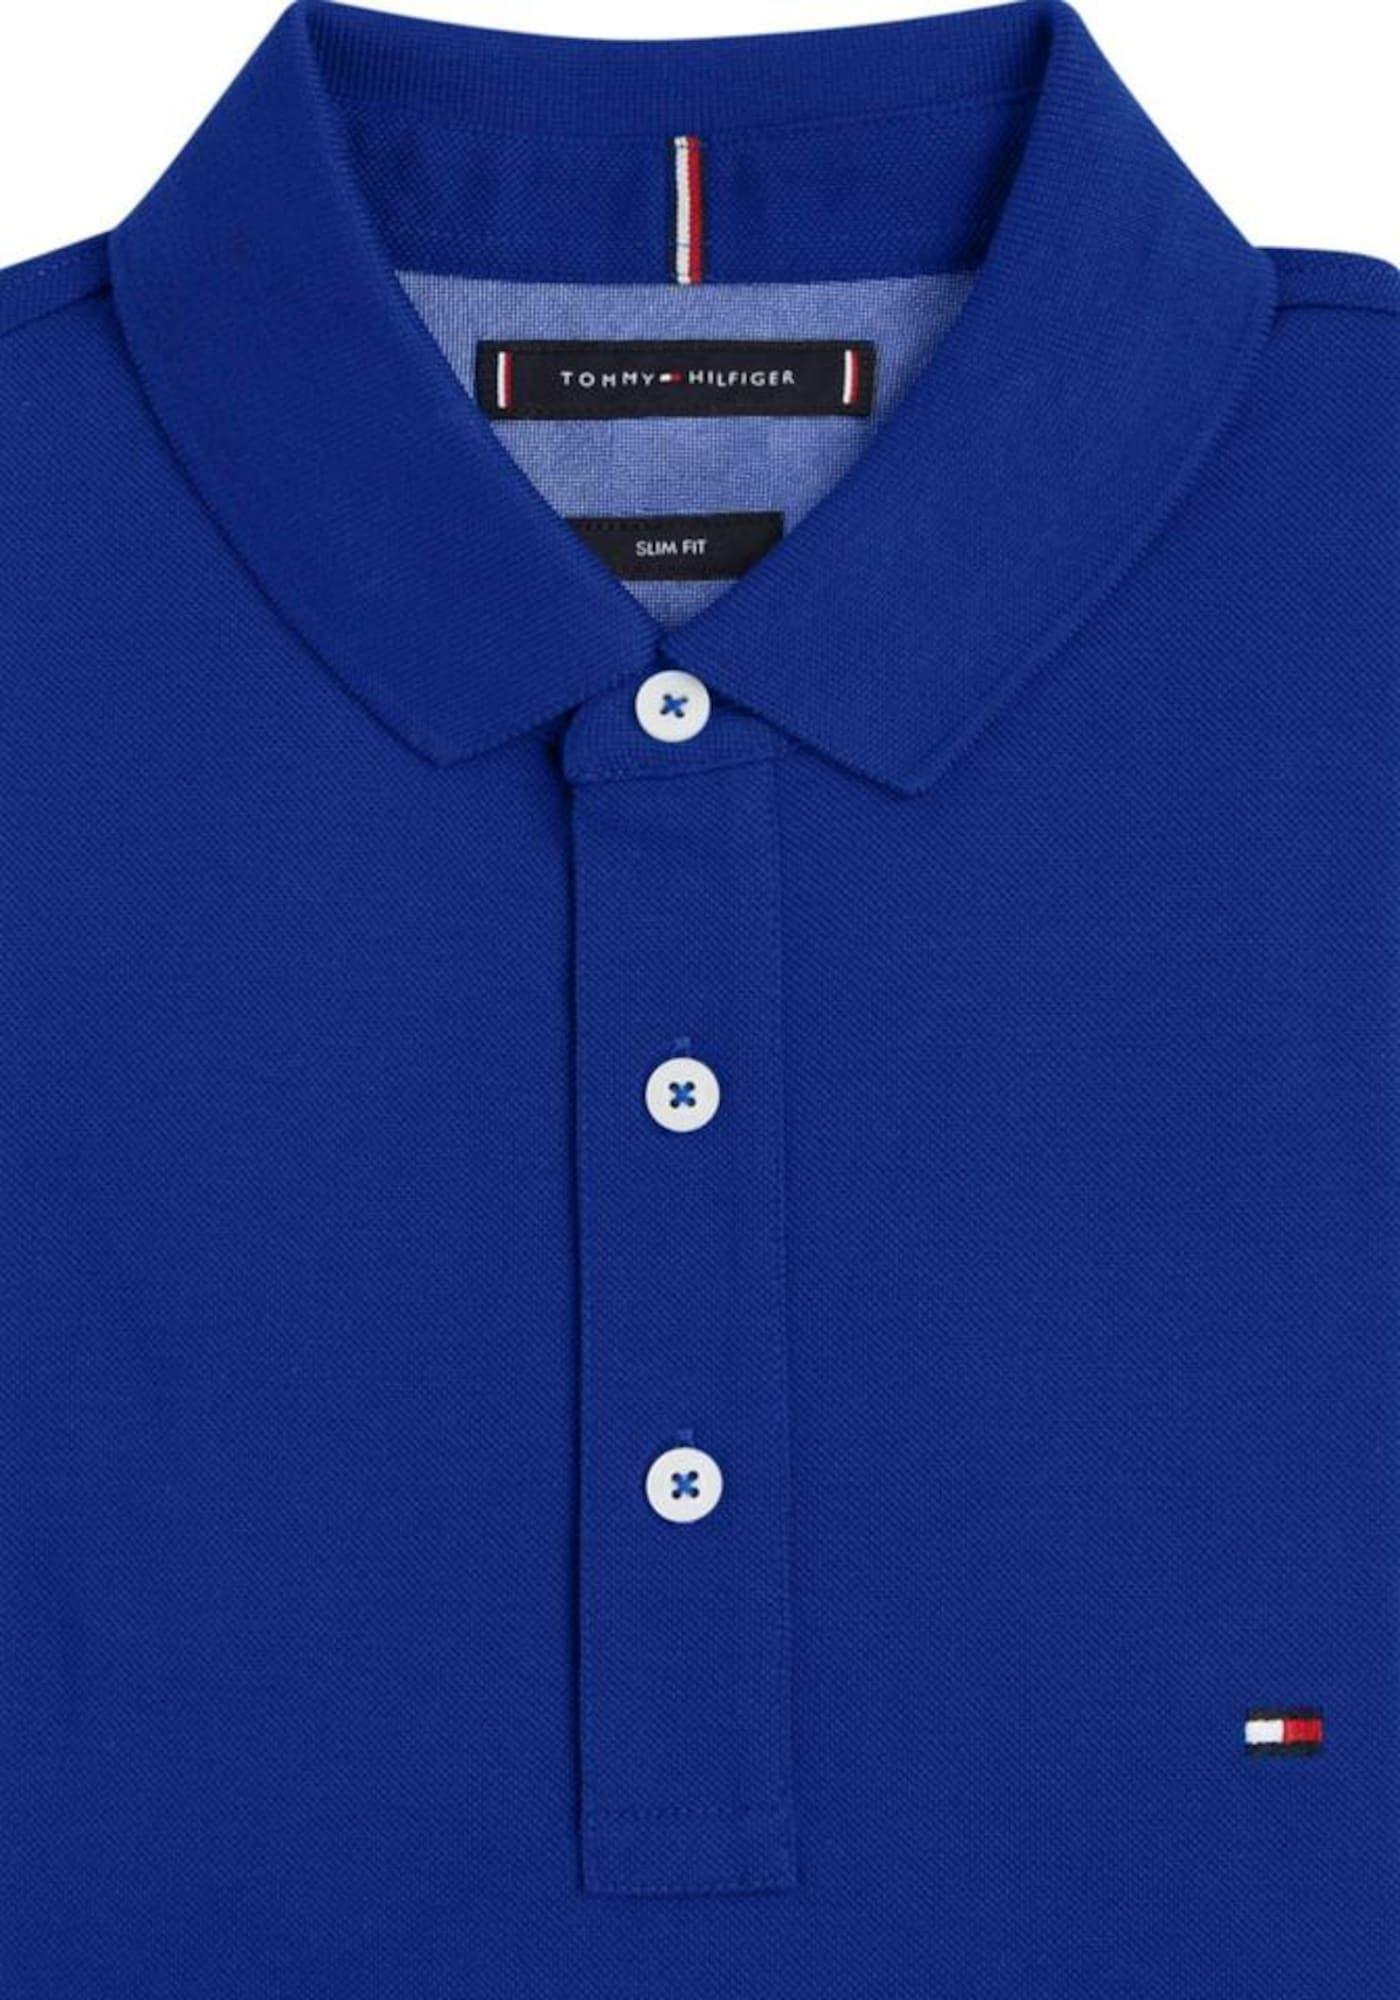 Tommy Hilfiger Poloshirt Herren Blau Grosse Xxl In 2020 Poloshirt Herren Poloshirt Shirts